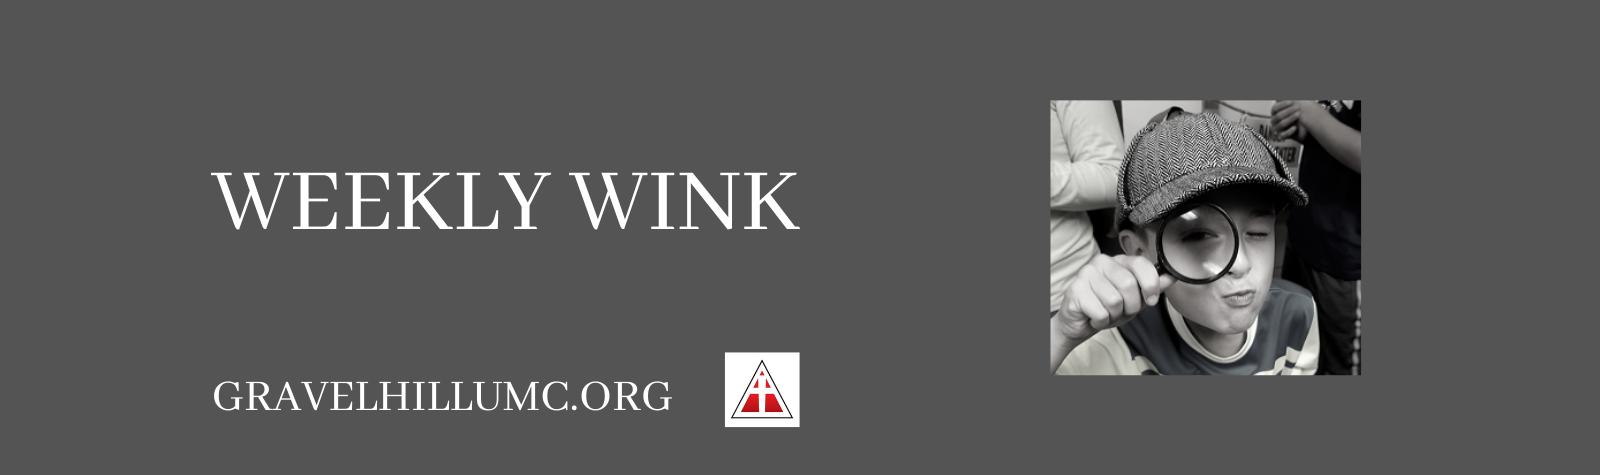 Weekly Wink 5.6.20